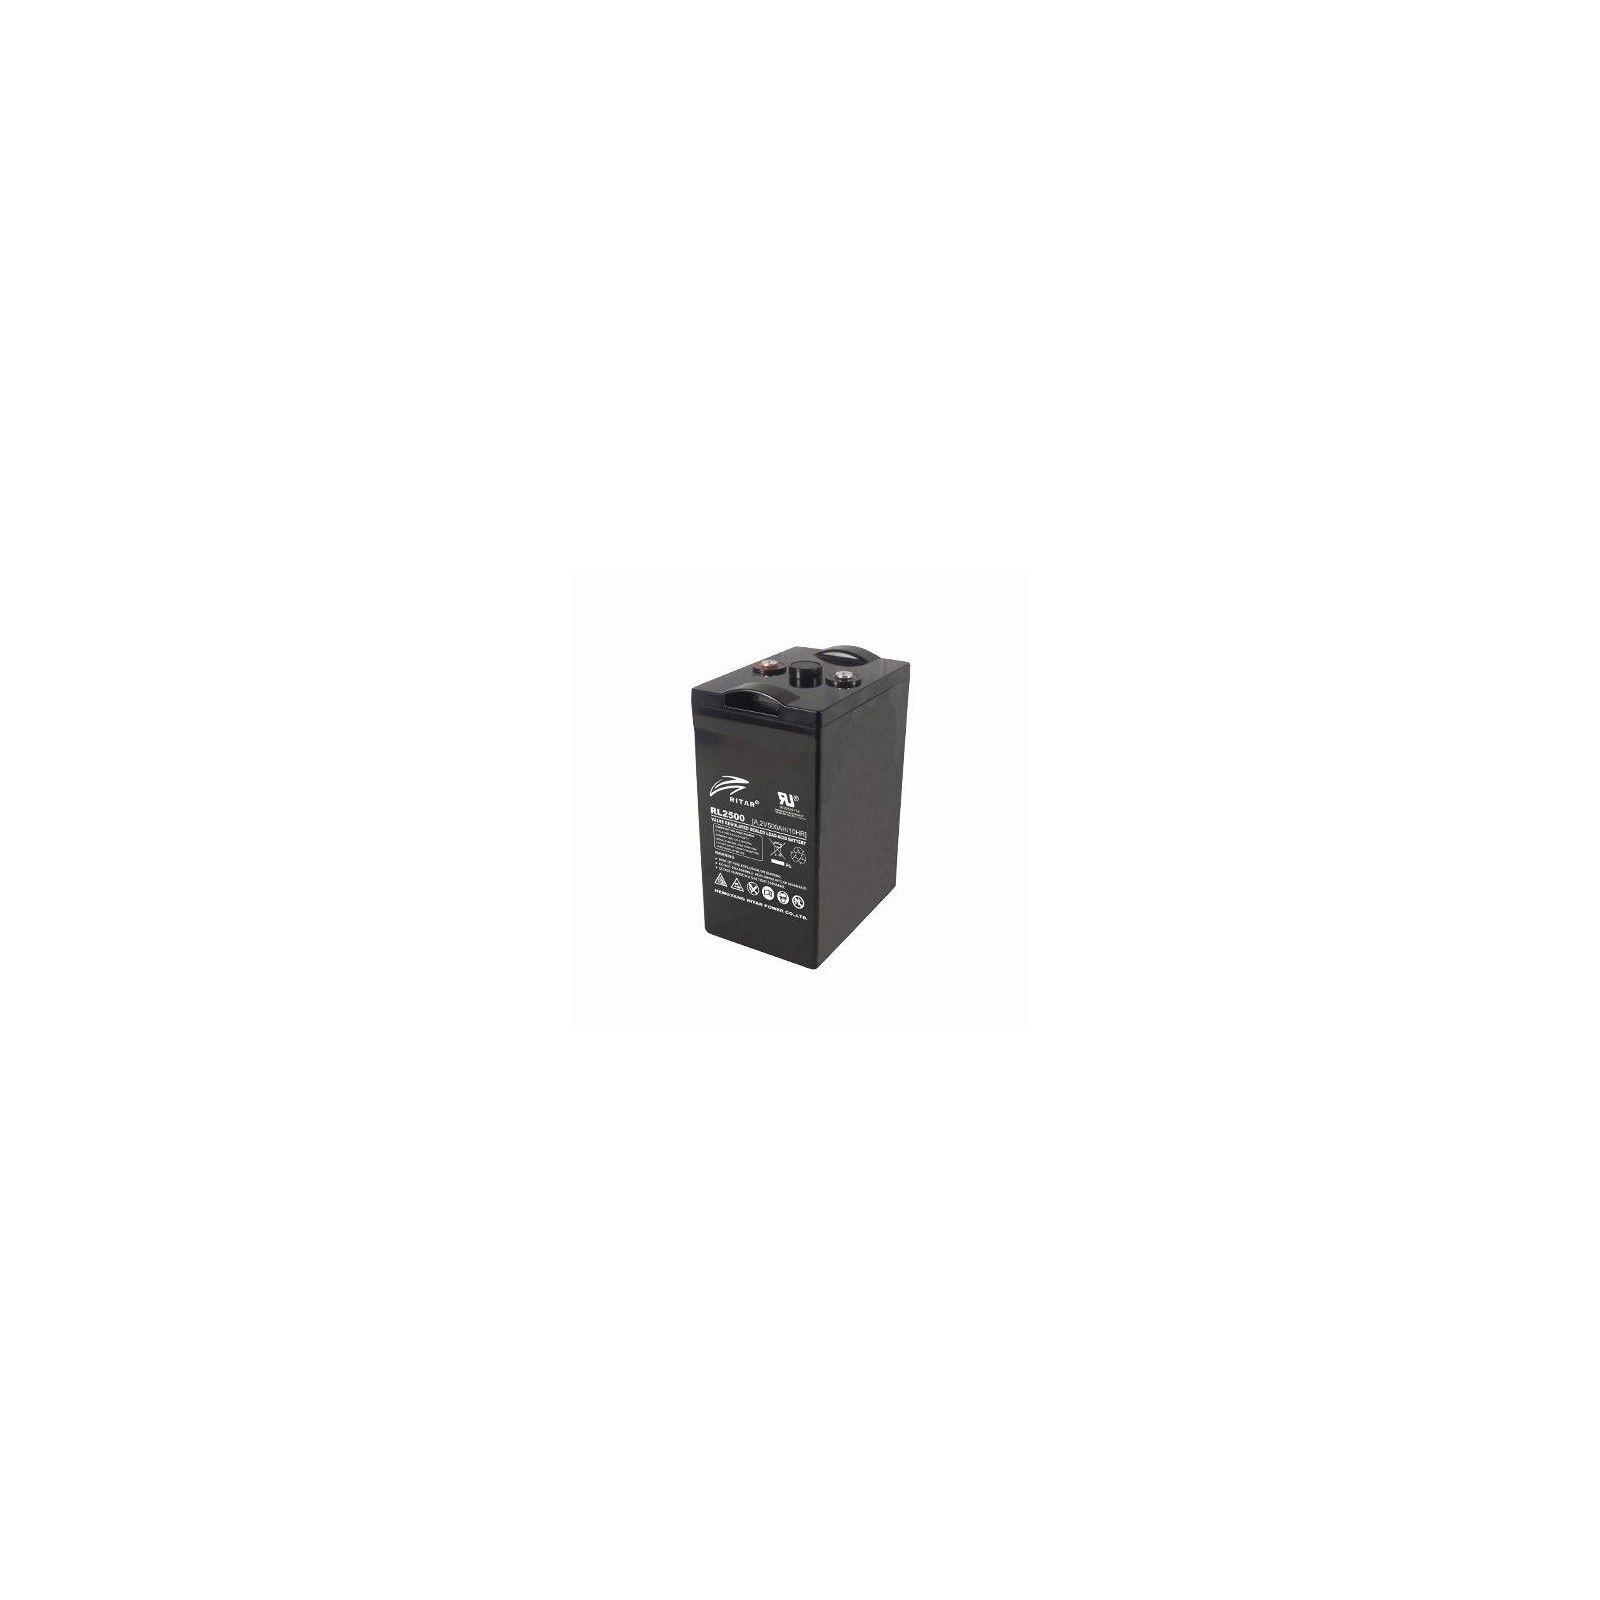 Batería Ritar RL2200 200Ah 2V Rl RITAR - 1